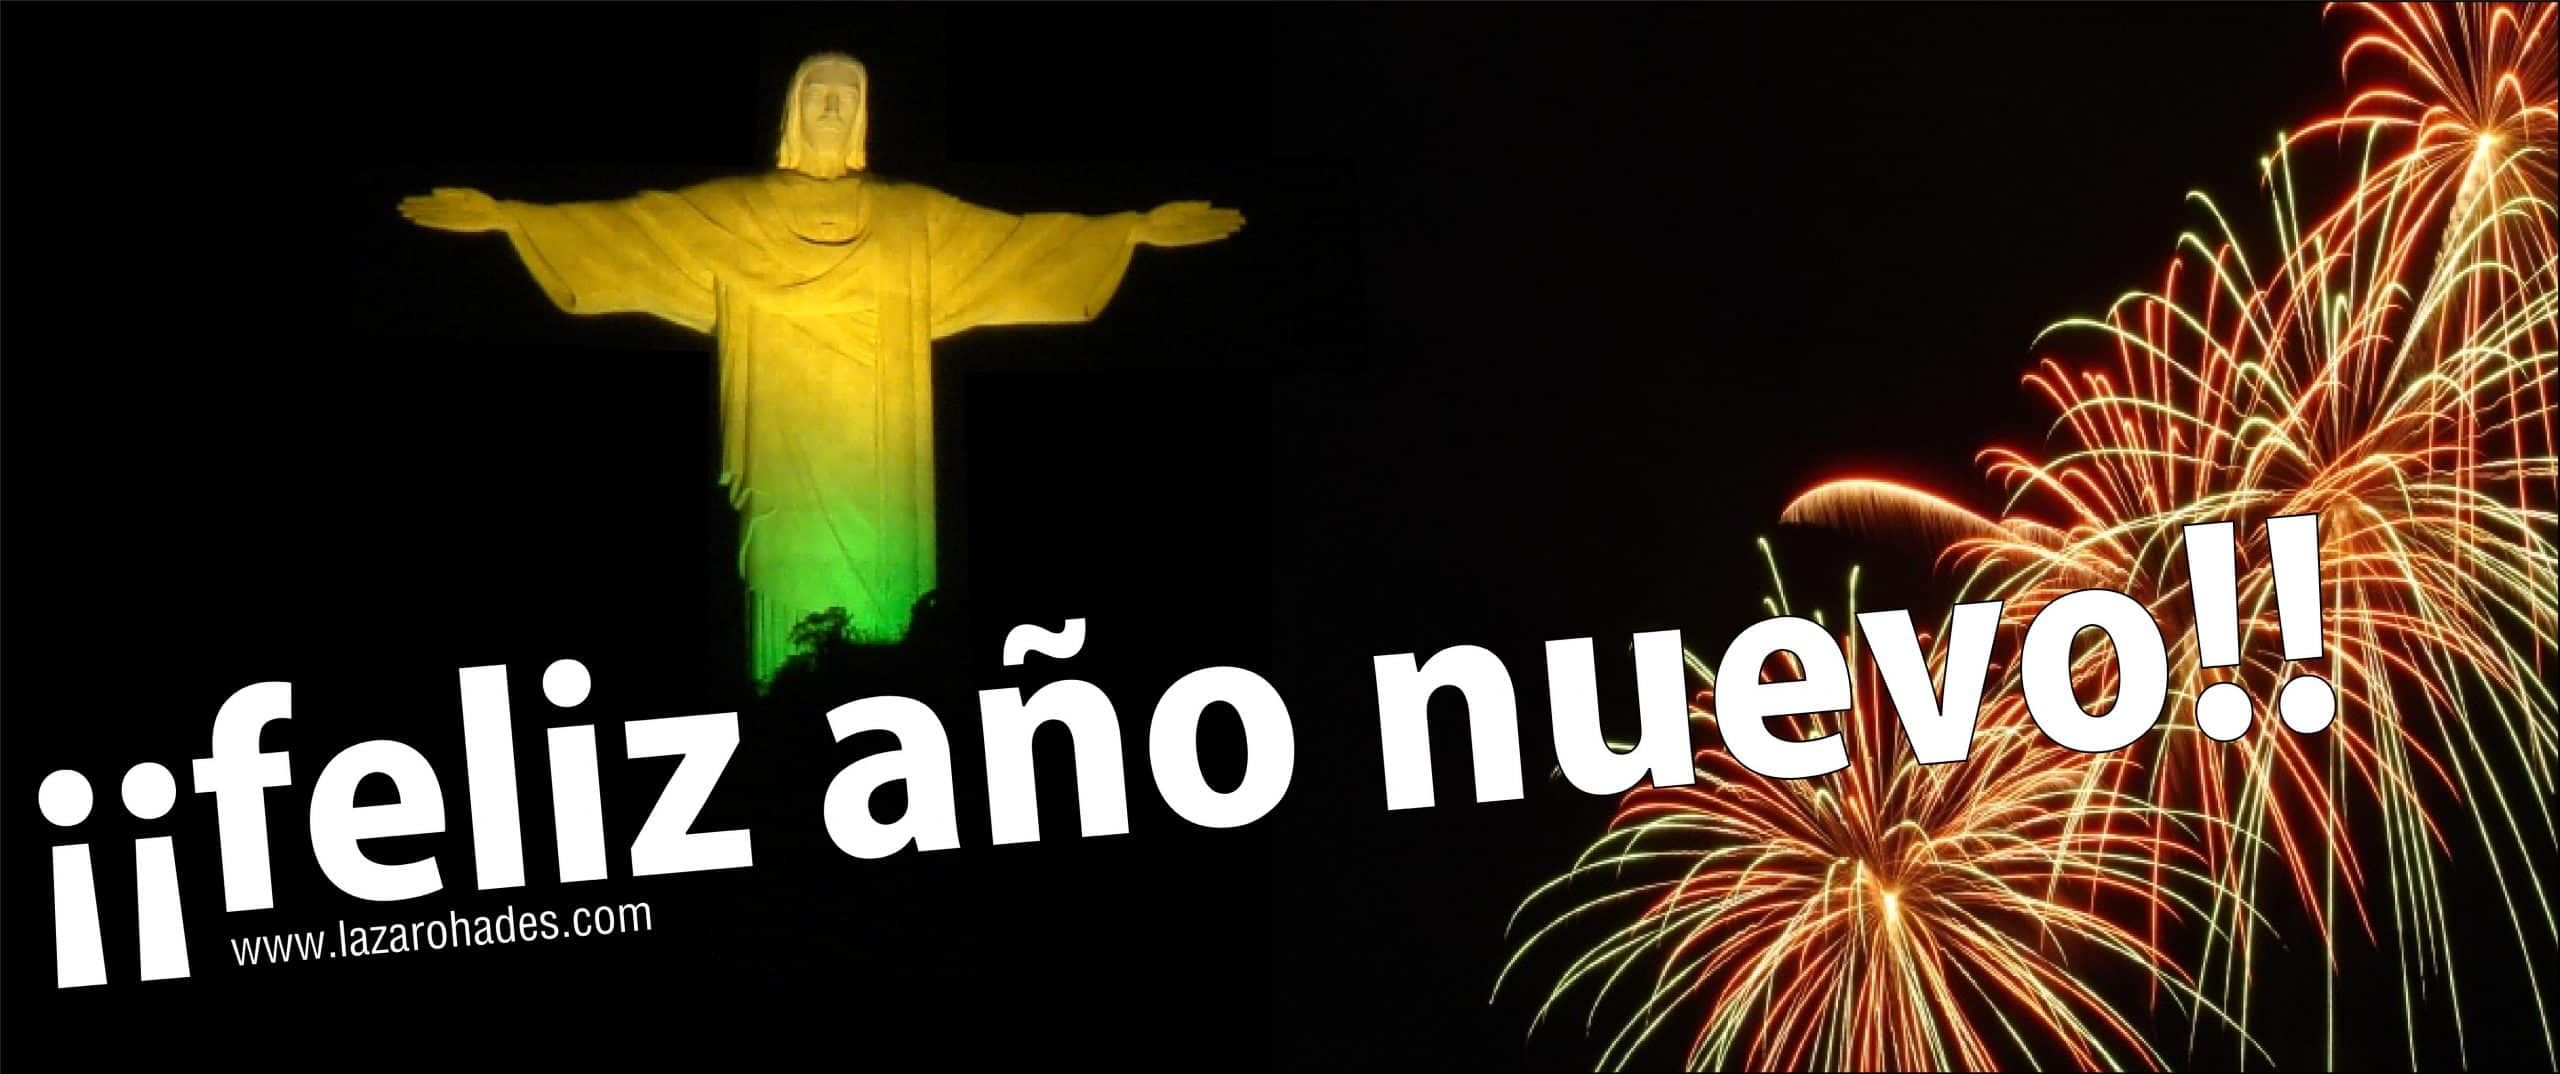 ano nuevo cristiano - photo #20